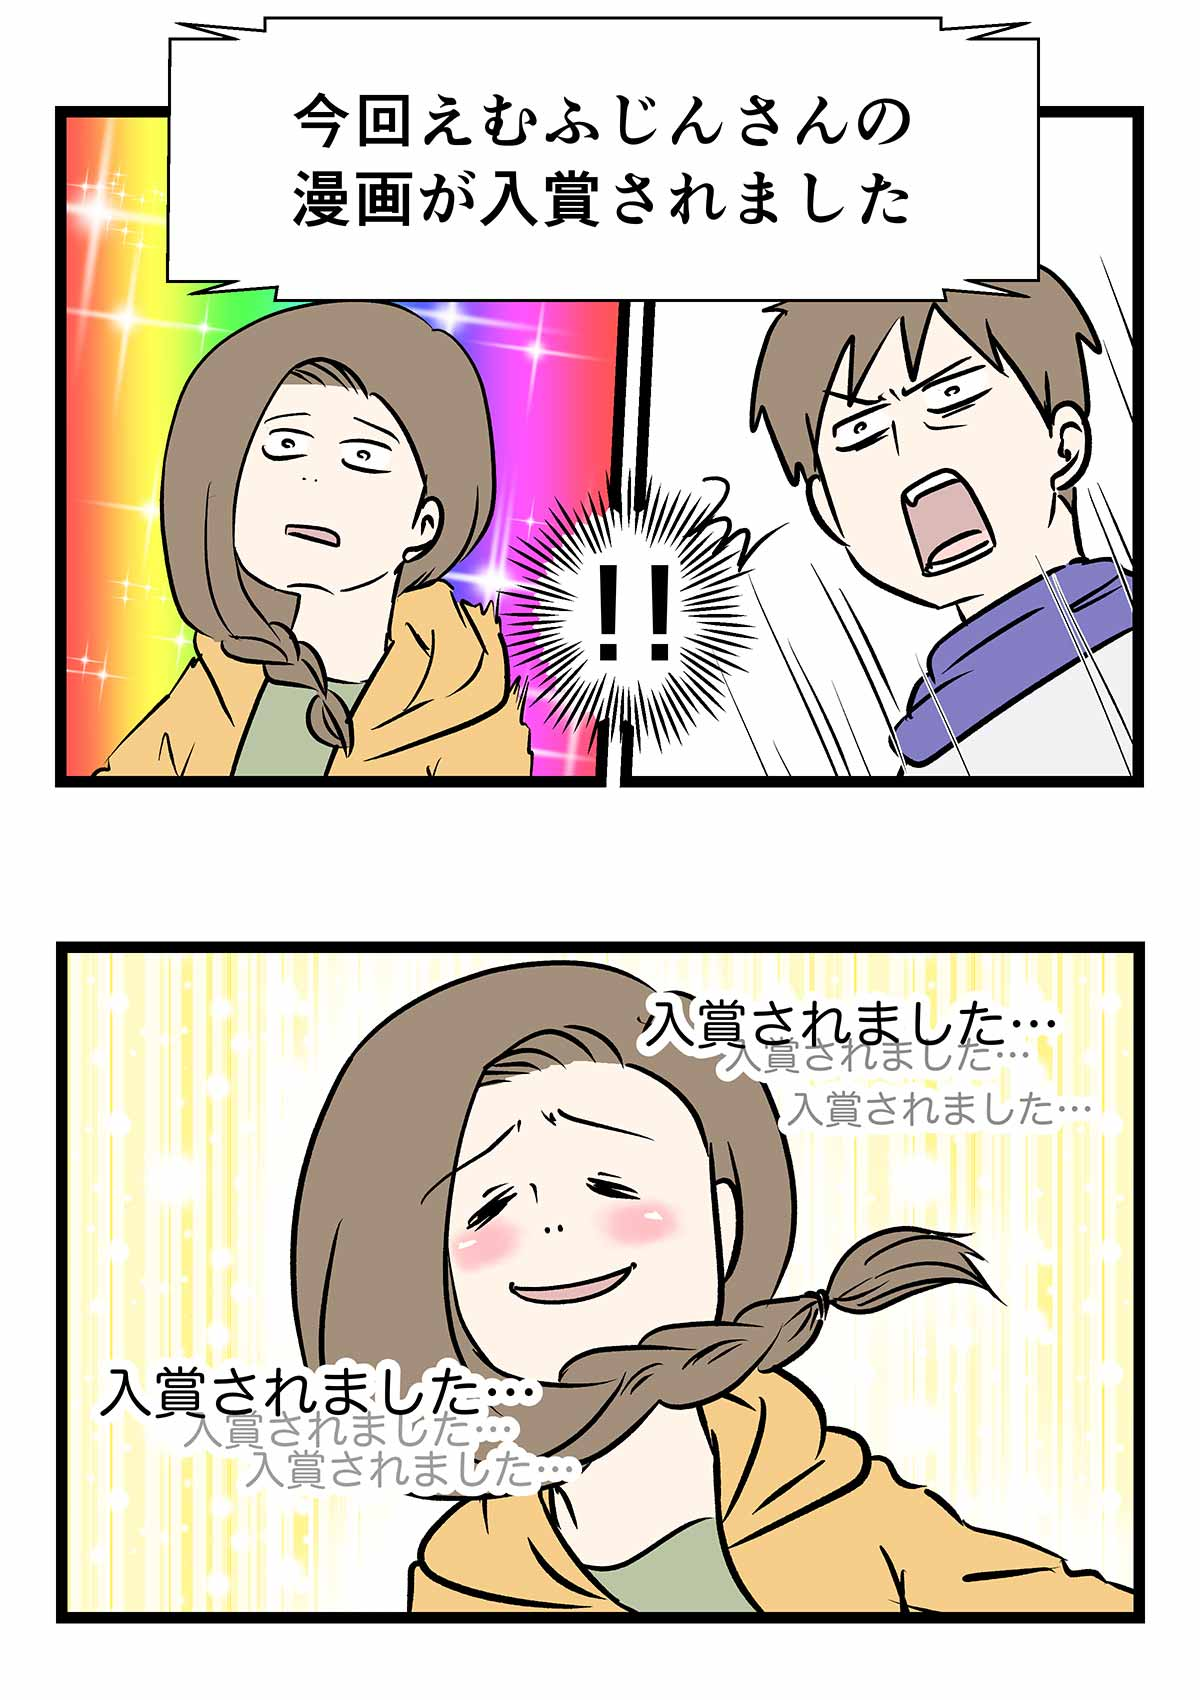 『ダ・ヴィンチ』掲載!「コミックエッセイプチ大賞」受賞しました!